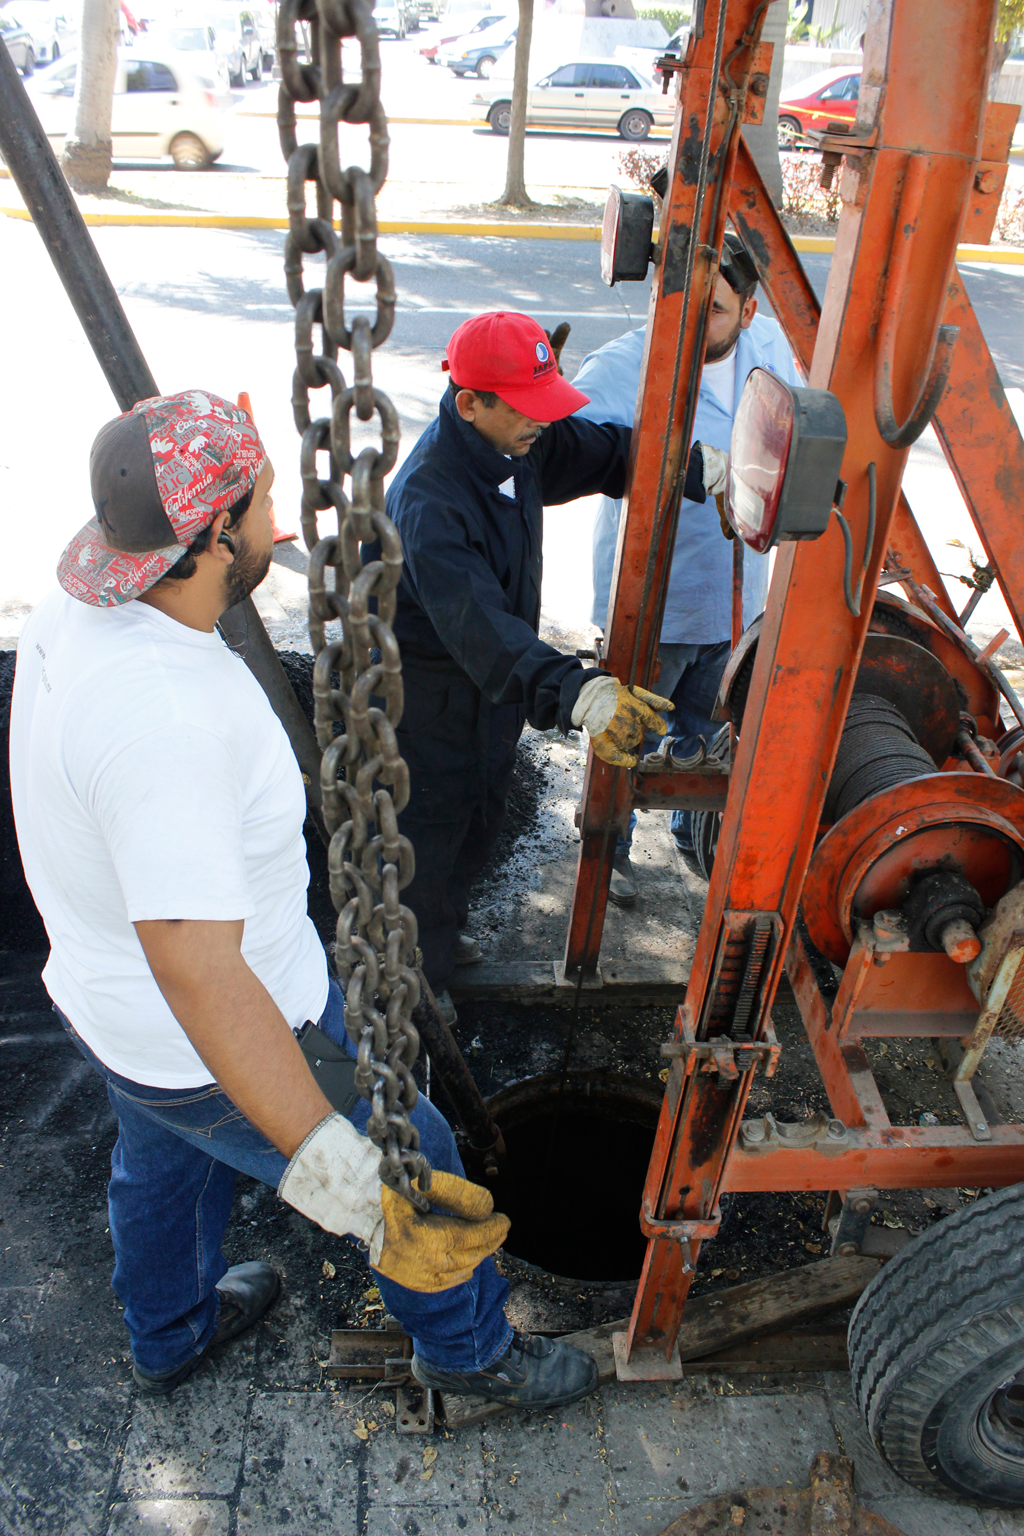 Noticias-2016-JAPAC-realiza-trabajos-de-limpieza-de-red-de-alcantarillado-02